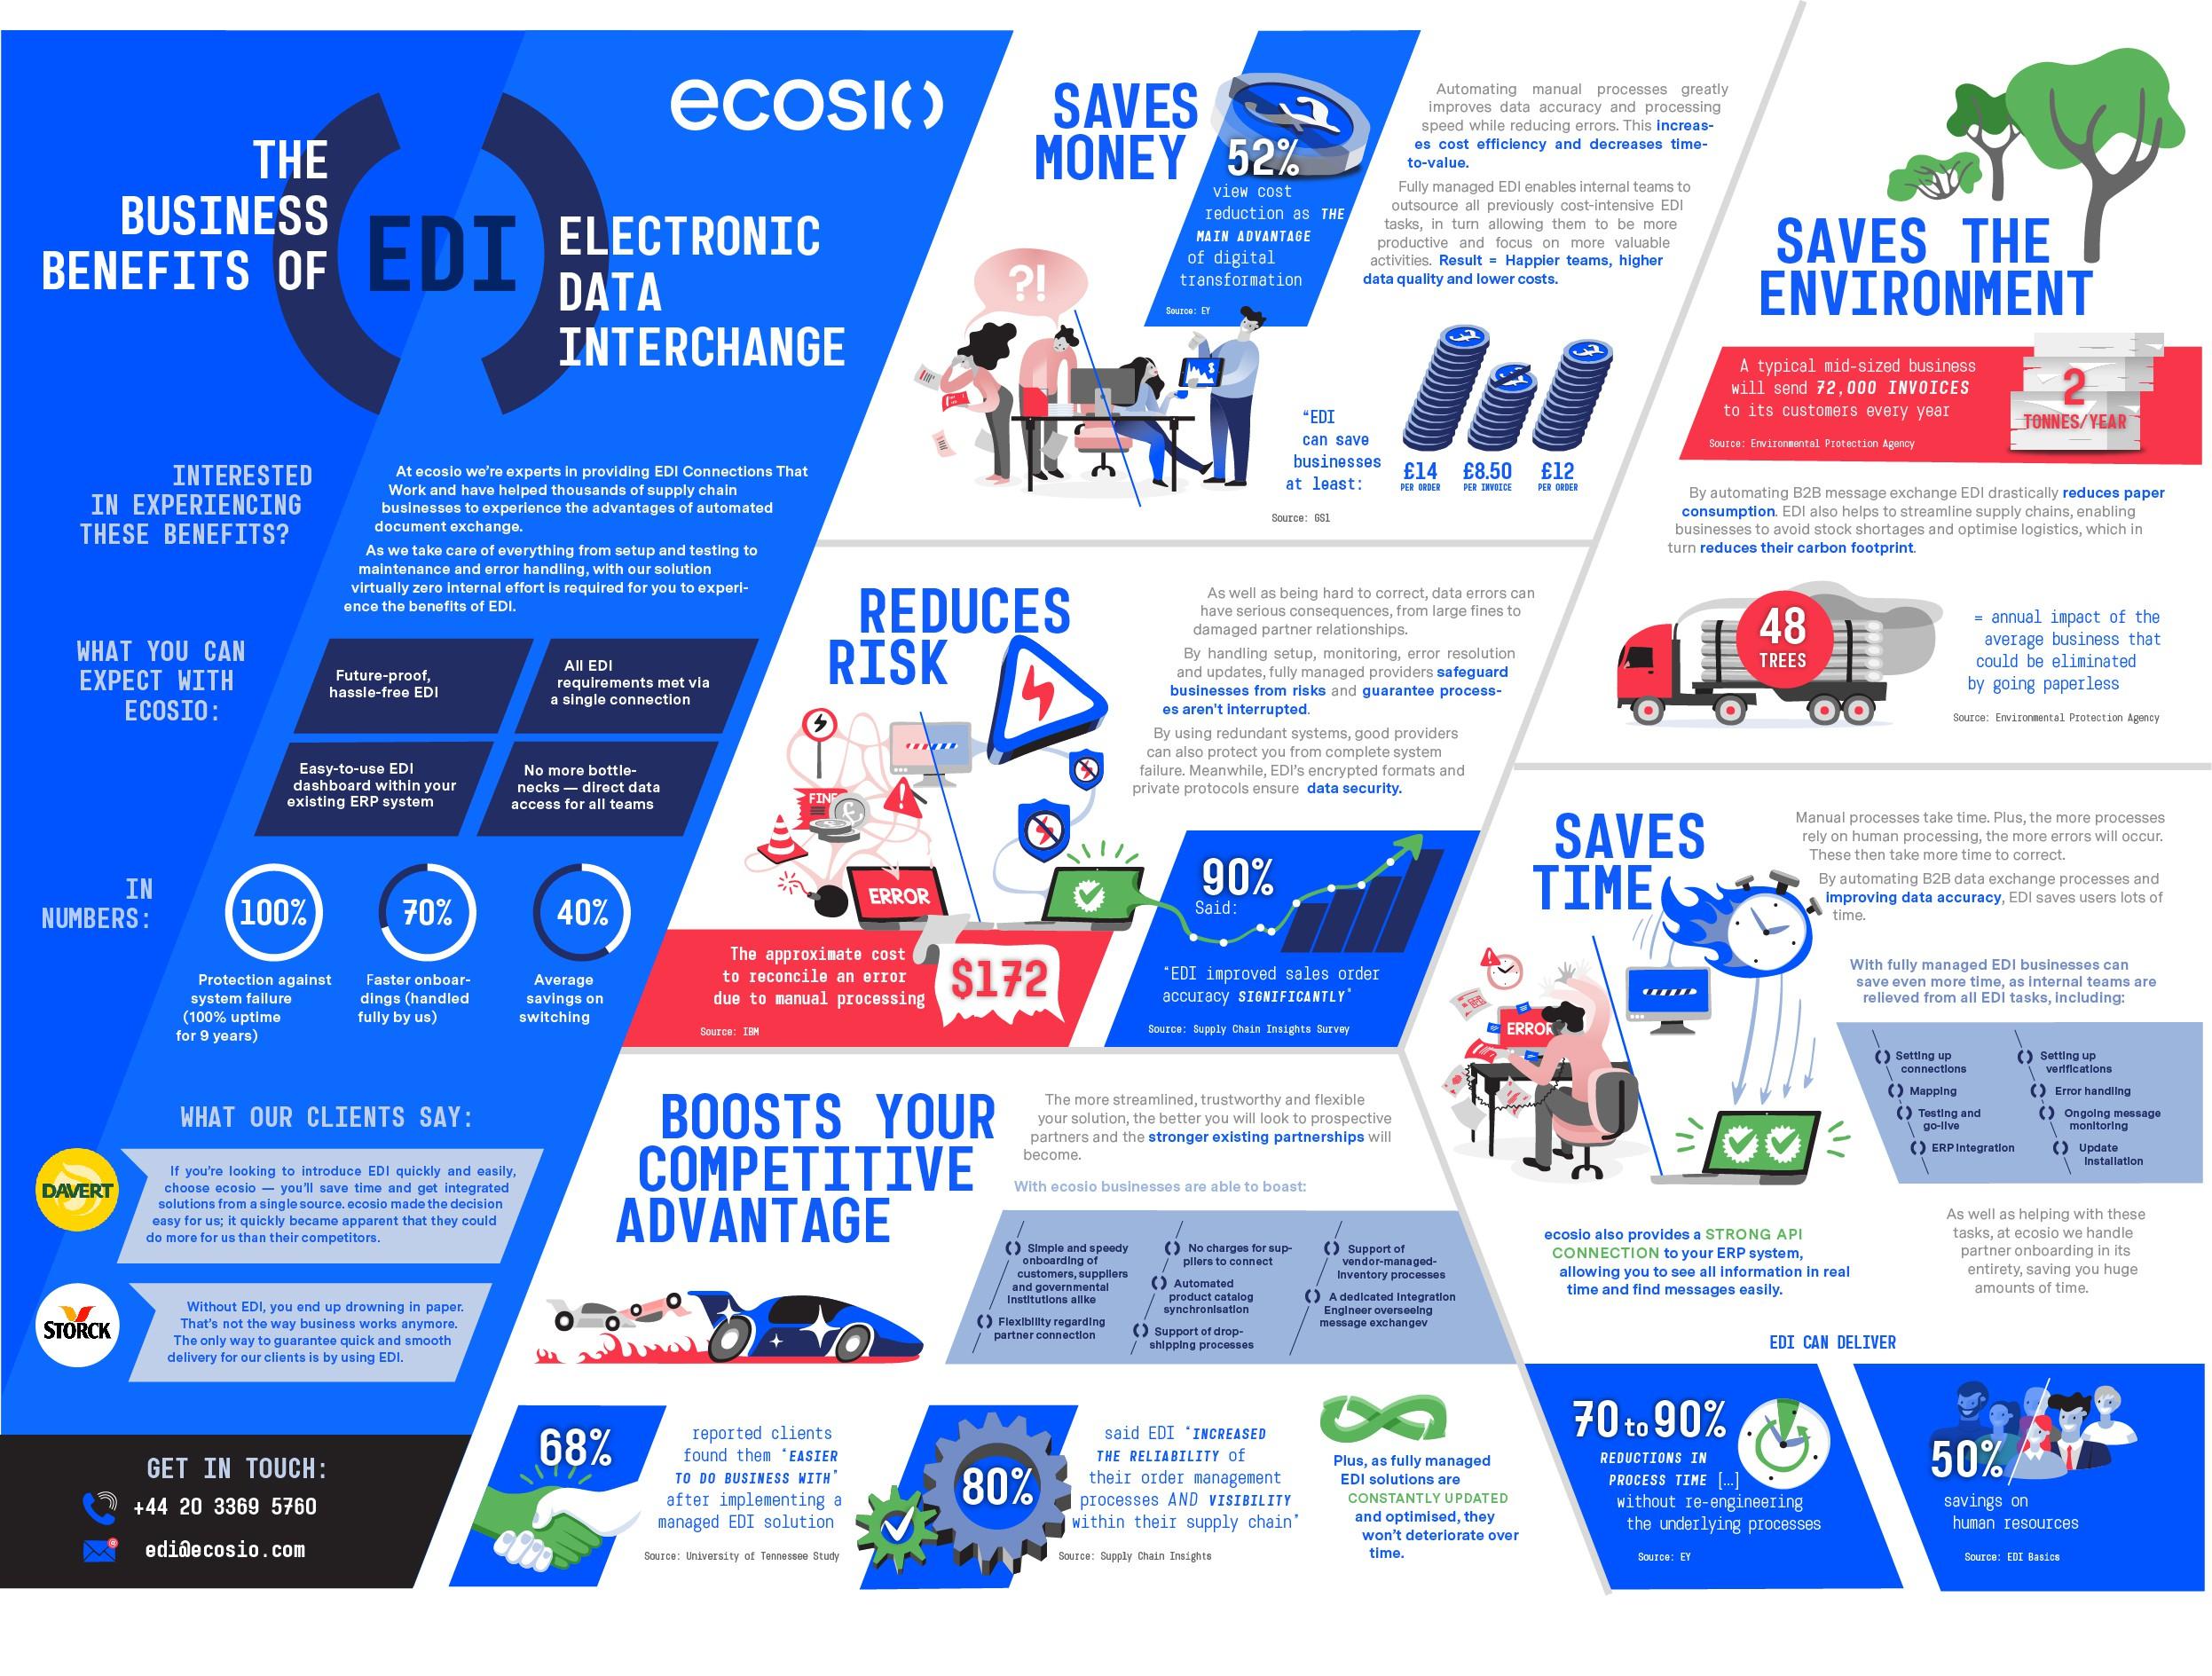 ecosio infographic